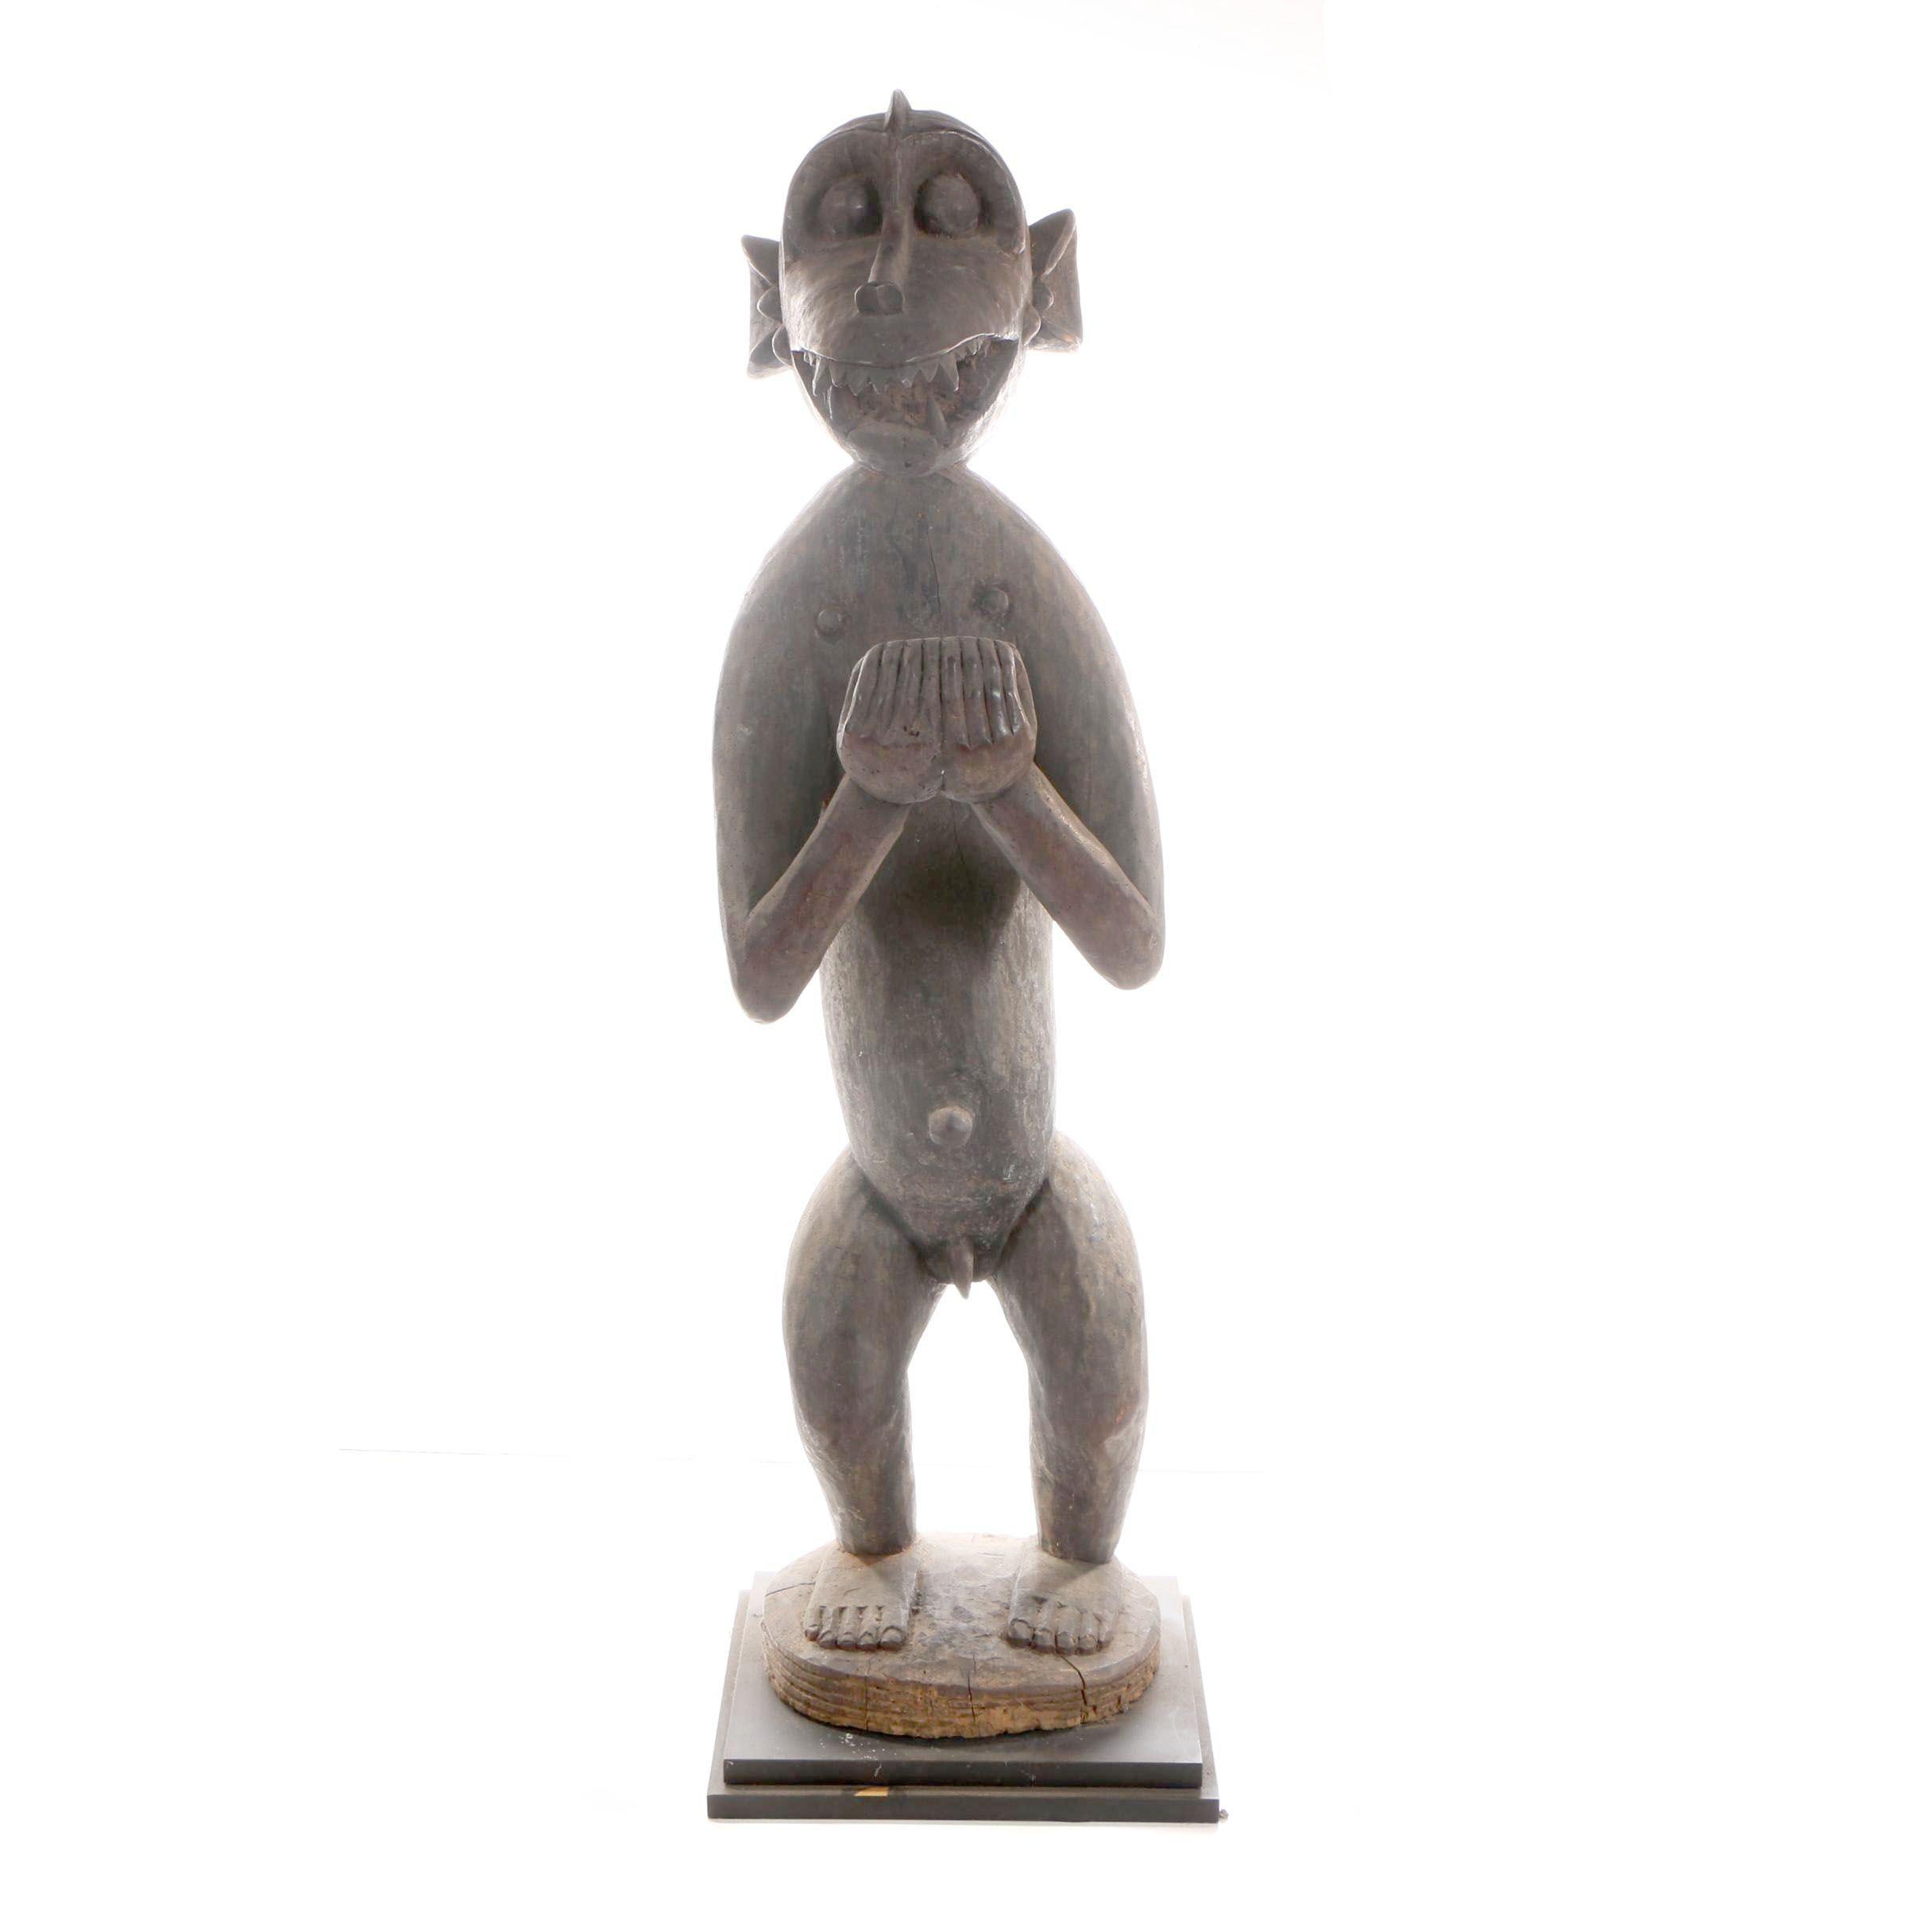 Baule Carved Wood Monkey Figure